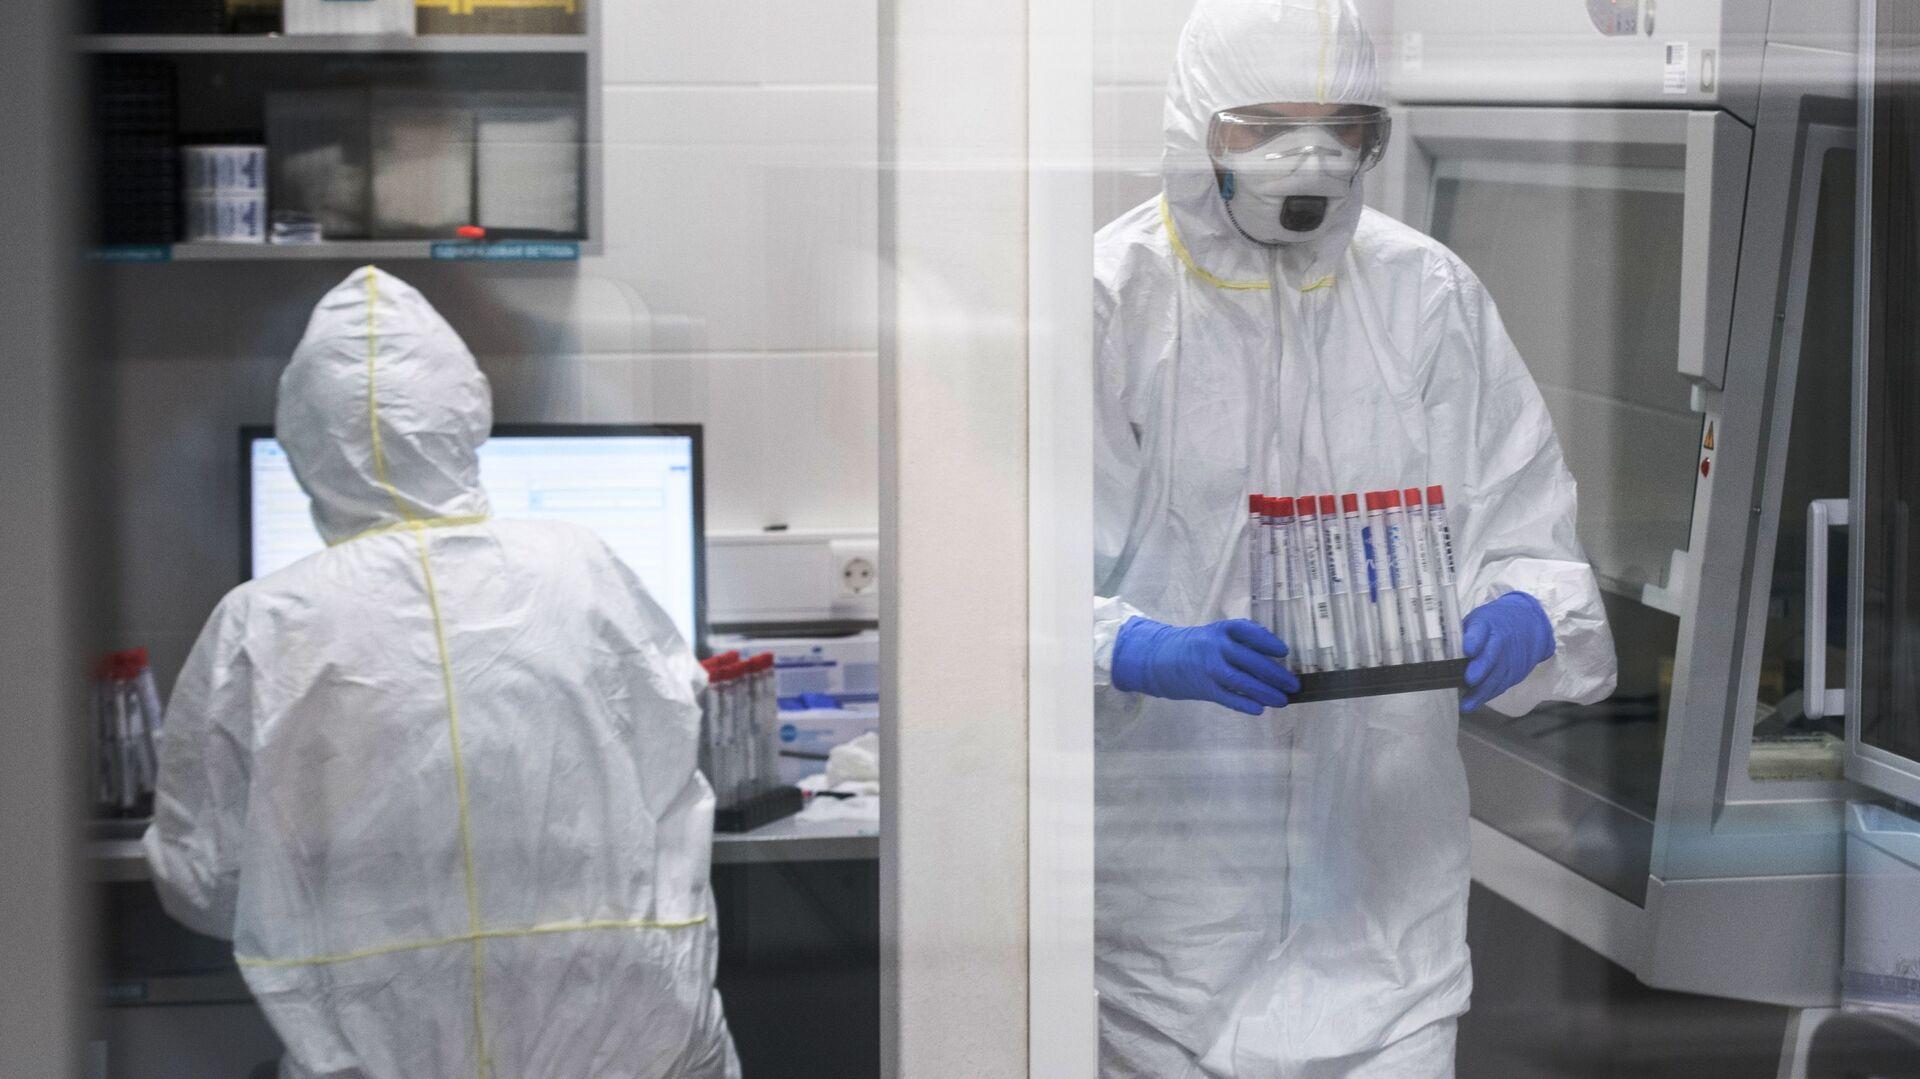 Лаборатория Инвитро начала тестирование на коронавирусную инфекцию  - Sputnik Южная Осетия, 1920, 16.09.2021